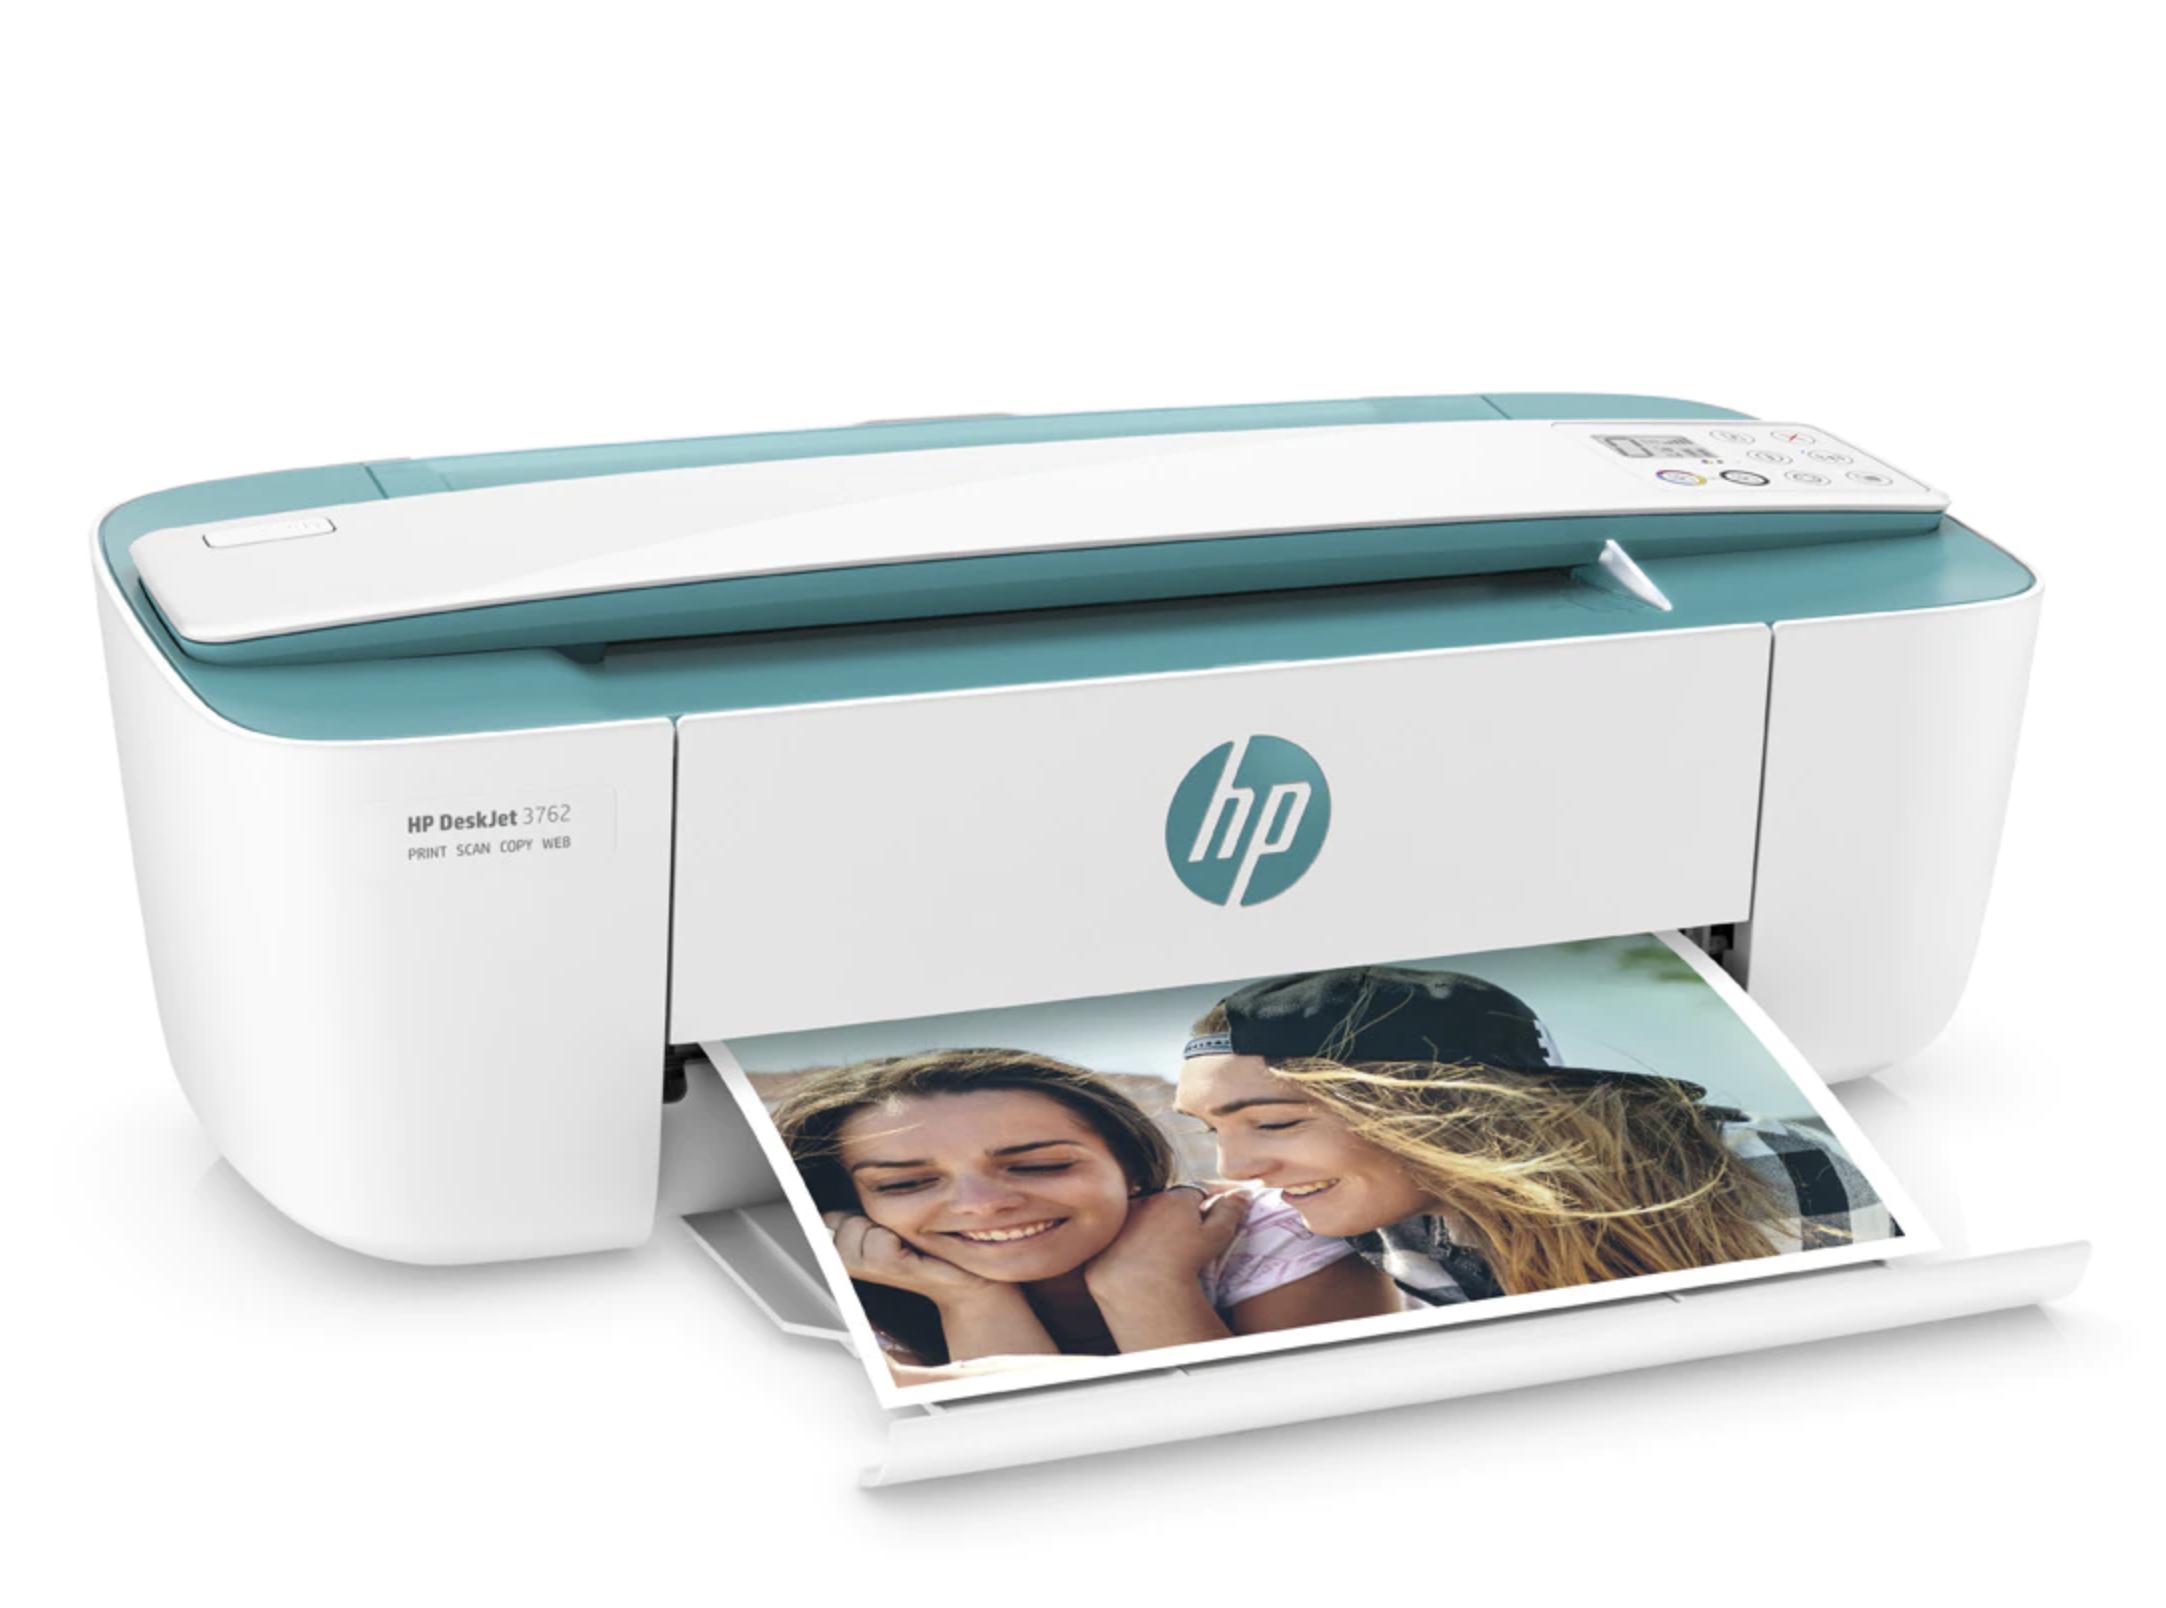 Impresora Multifunción tinta HP DeskJet 3762, Wi-Fi, copia, escanea, compatible con Instant Ink